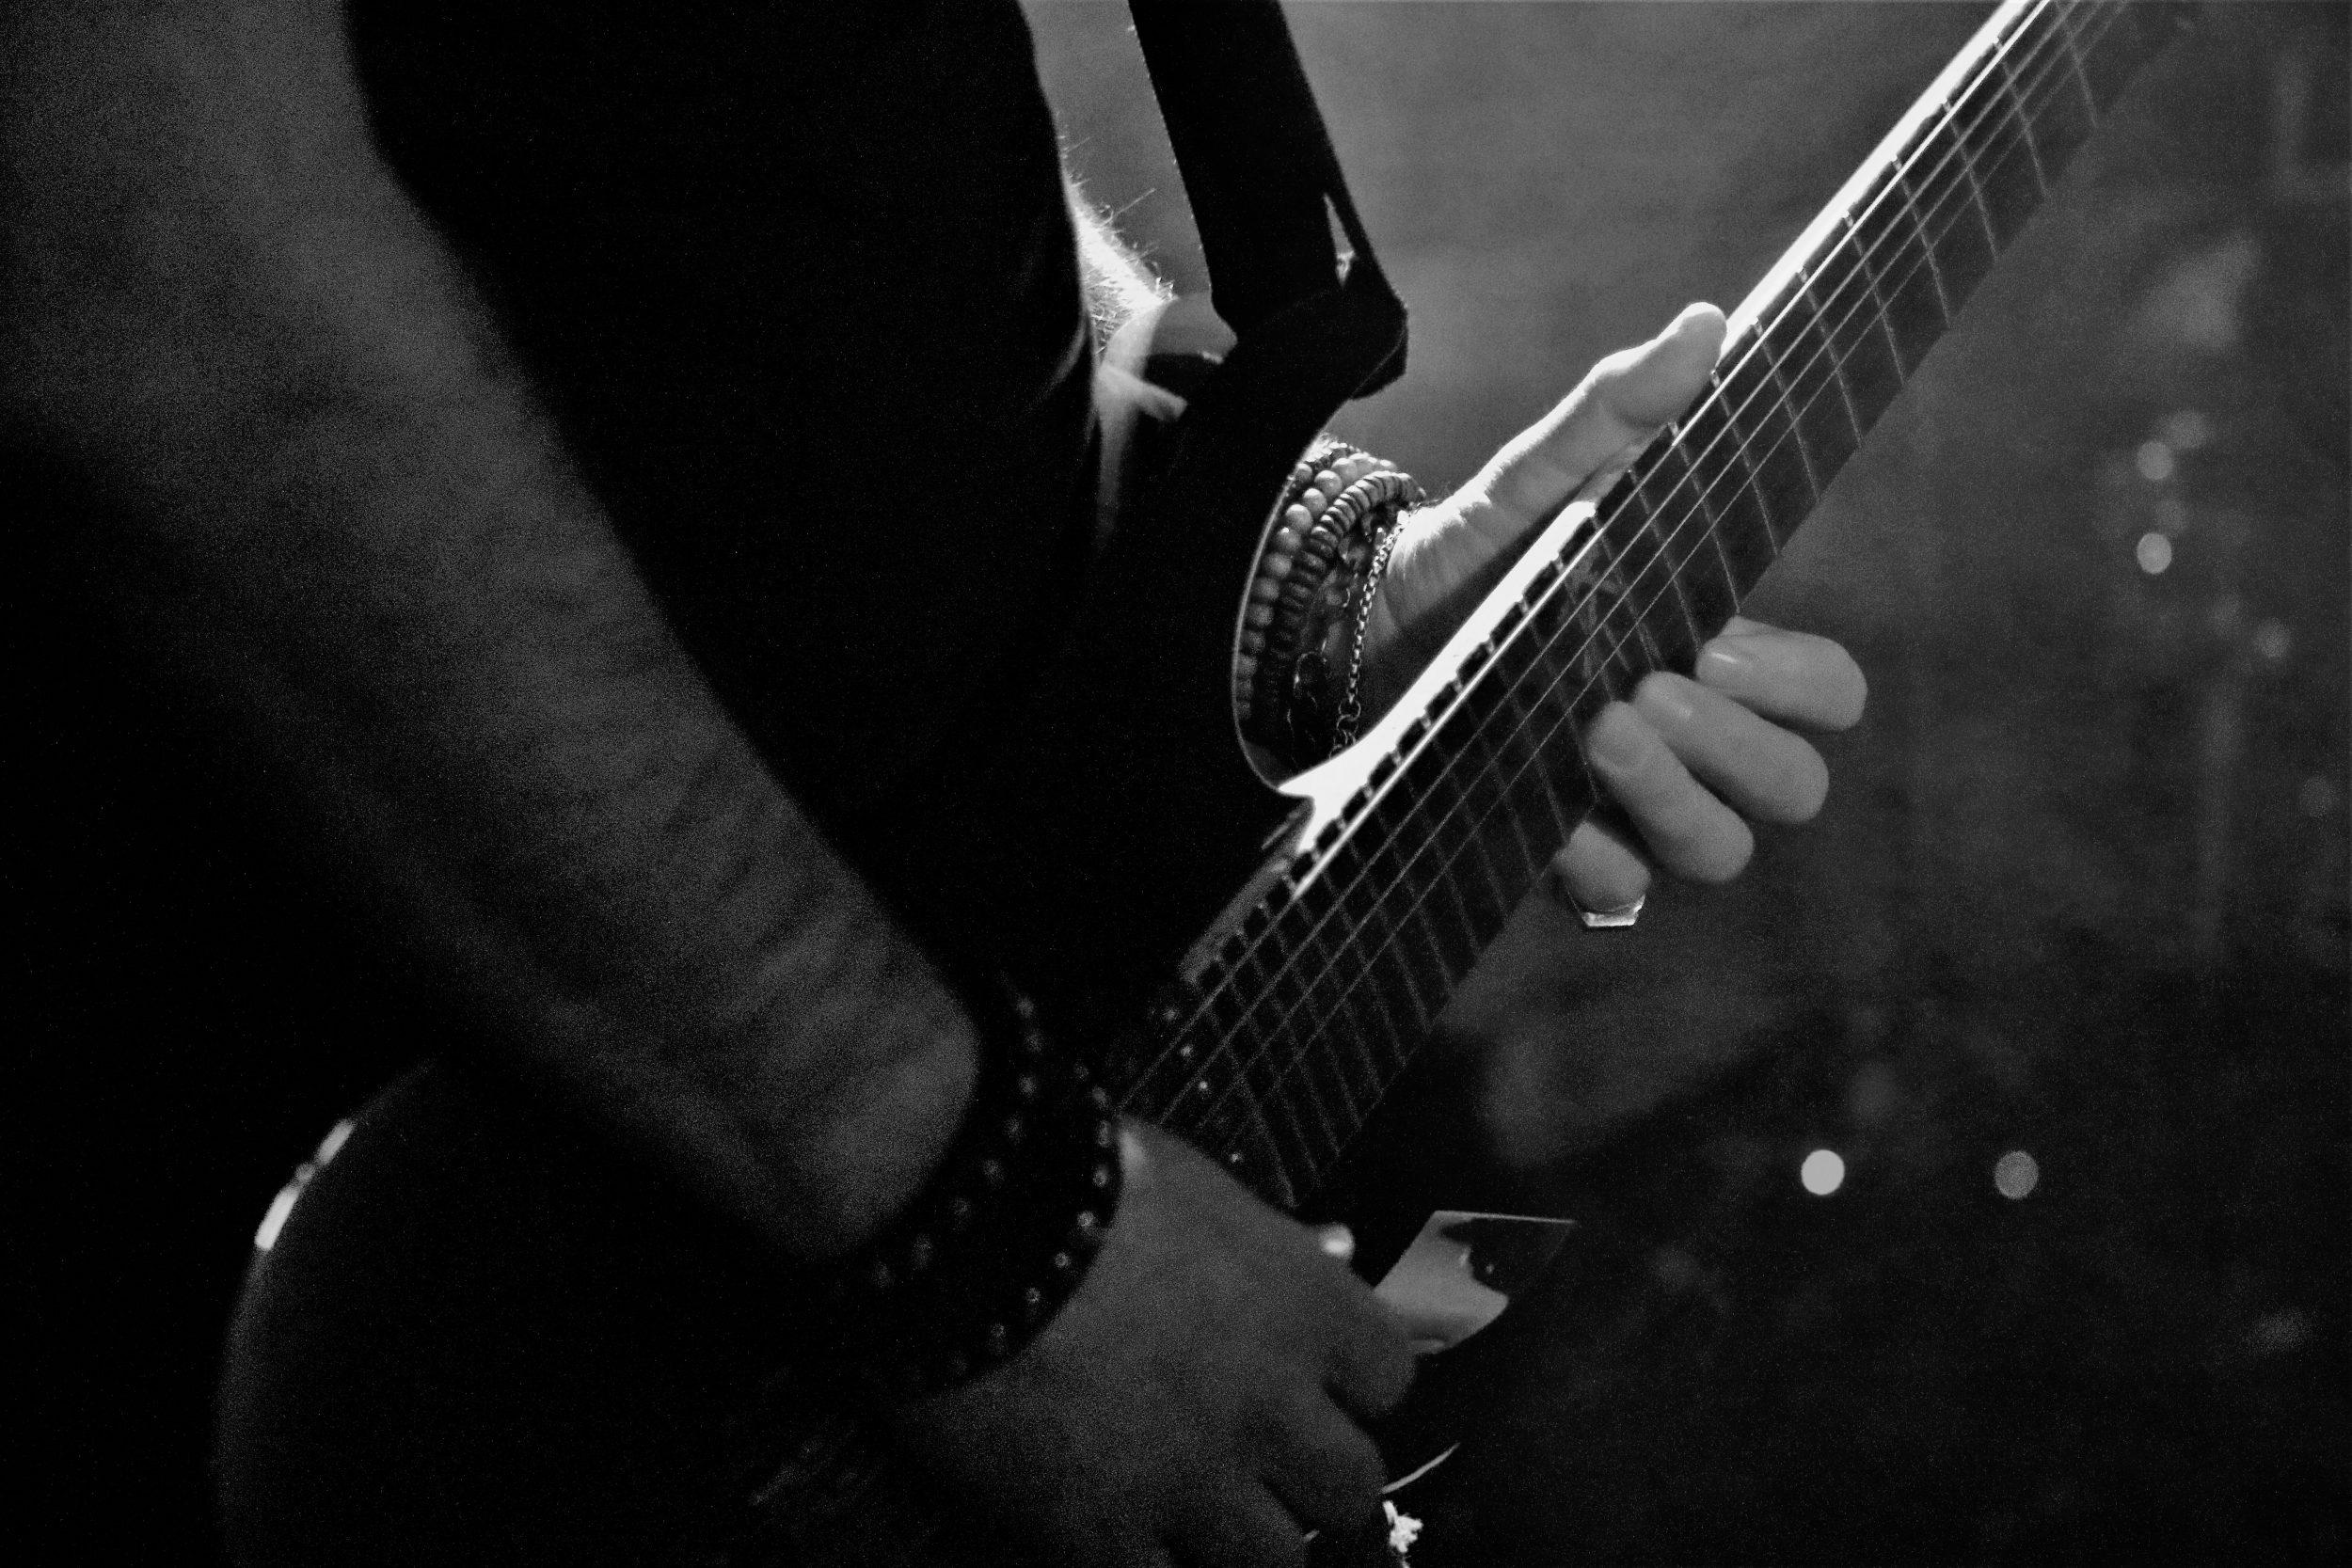 Alsidigt musik-efterår hos Sidesporet